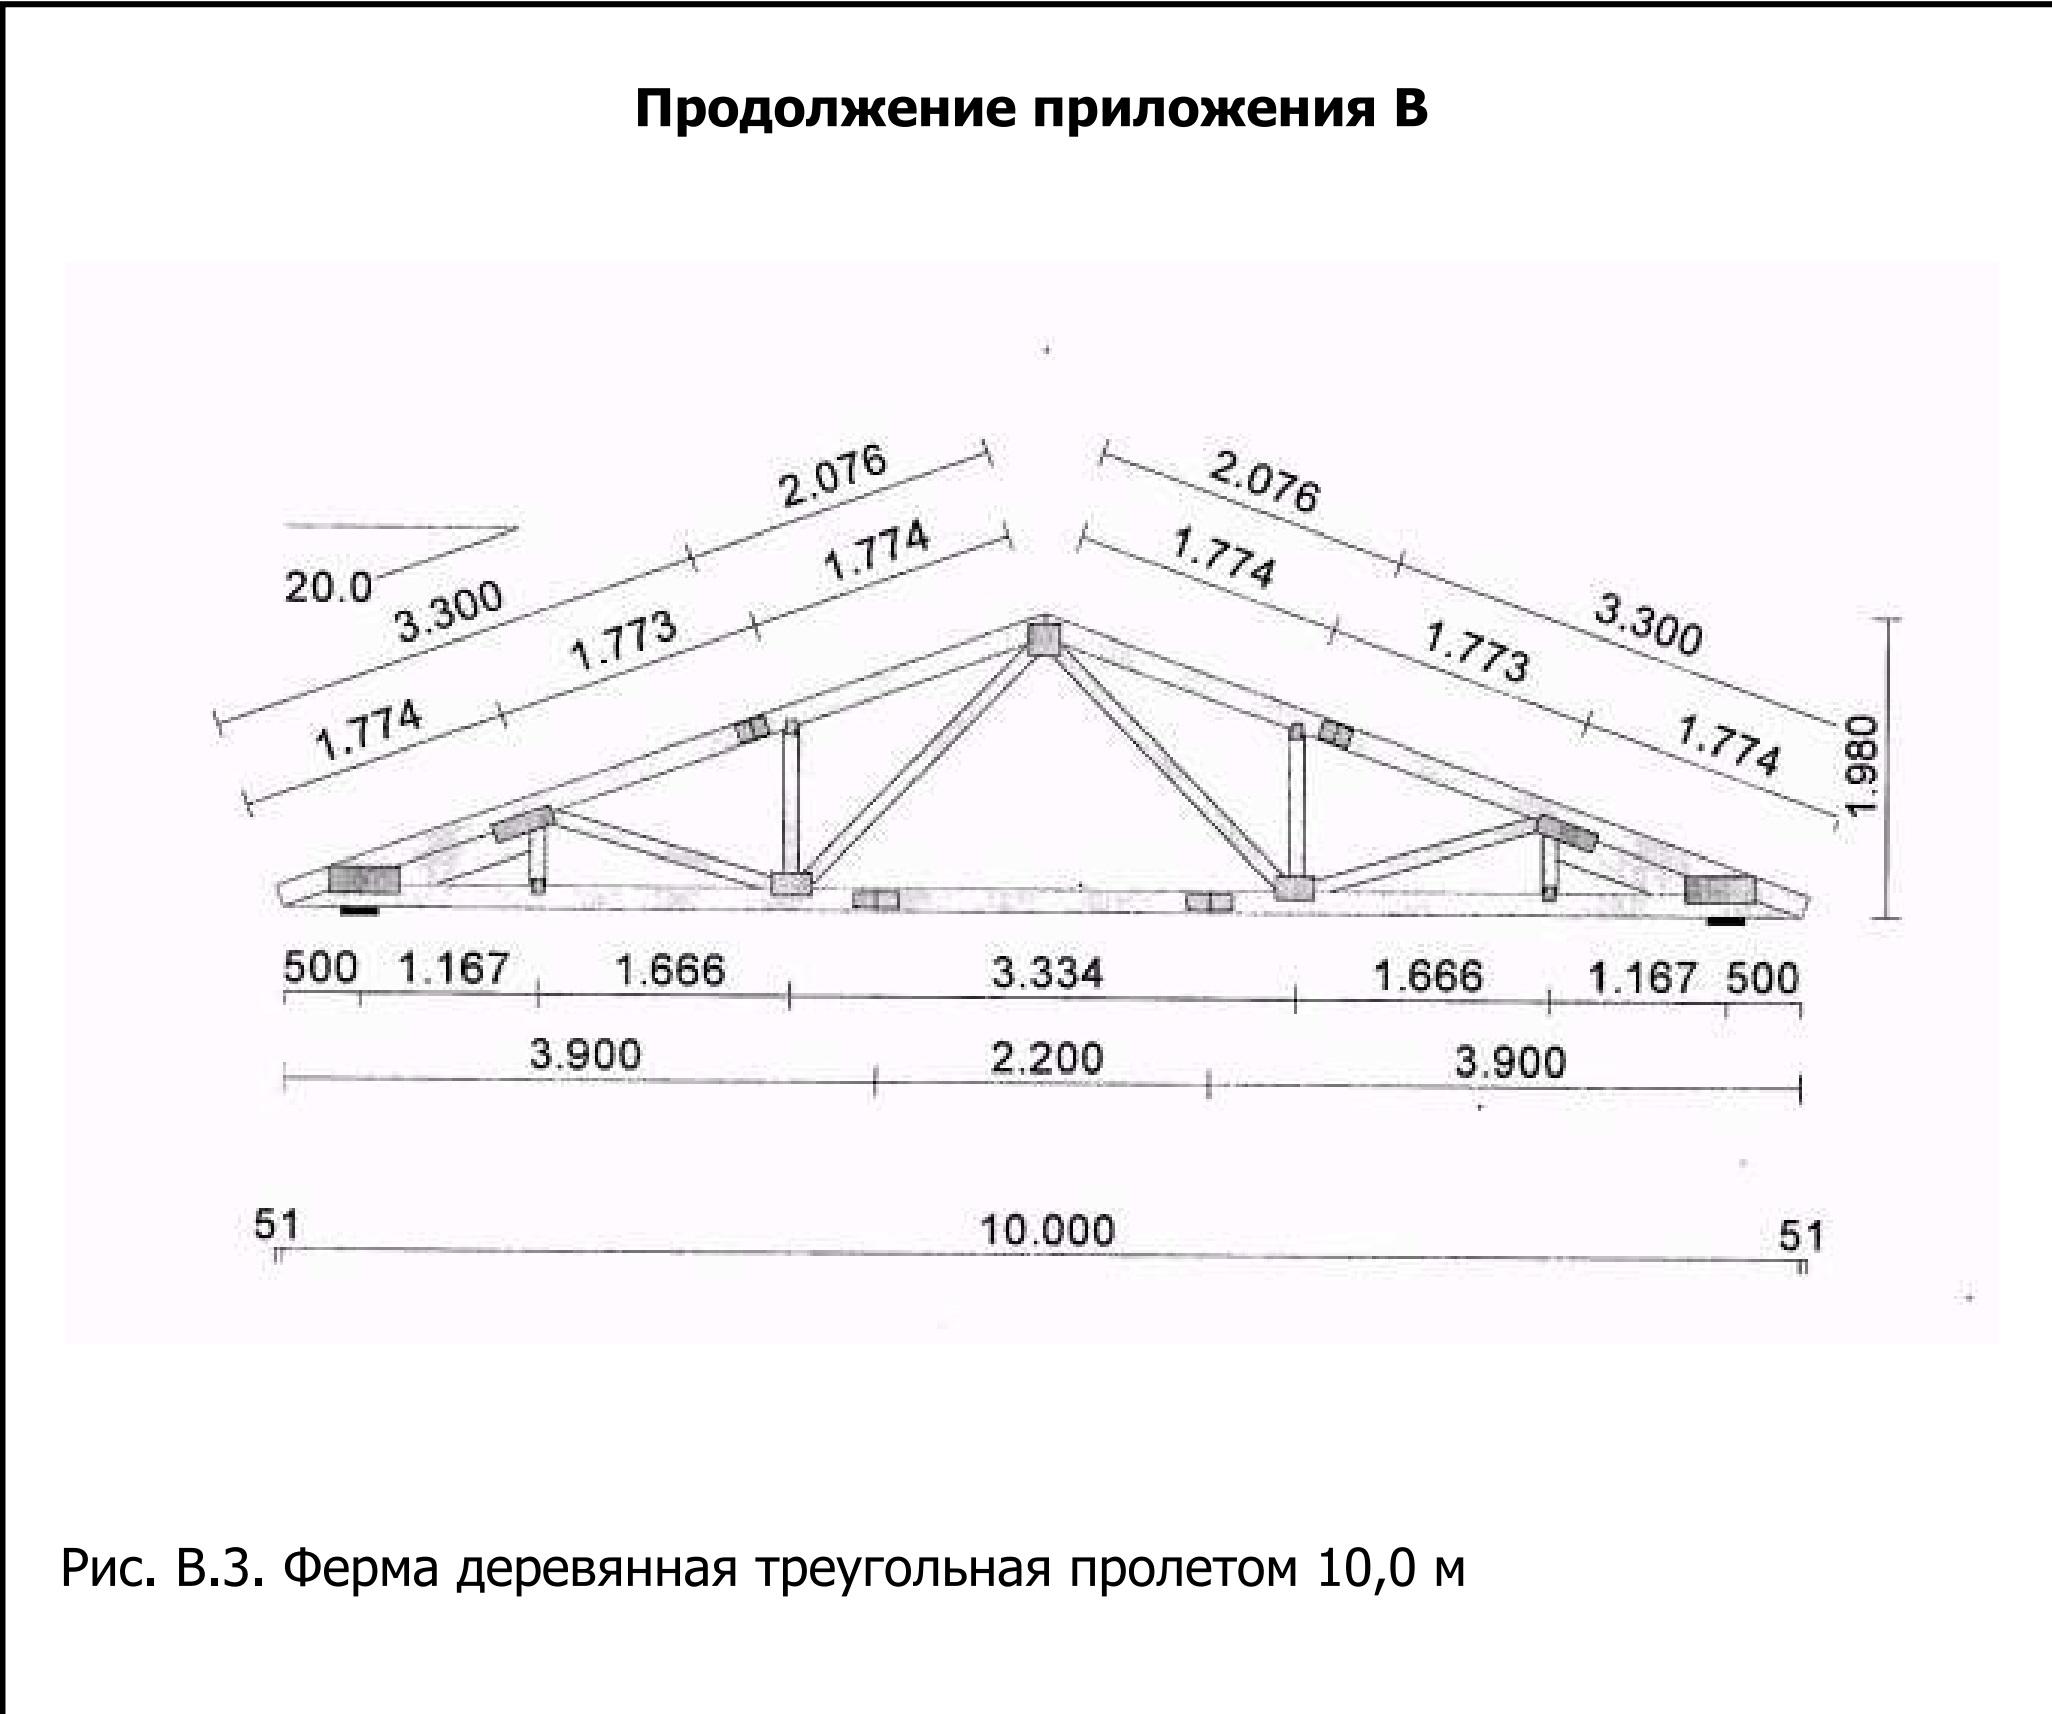 деревянная стропильная система без опор 10 метров